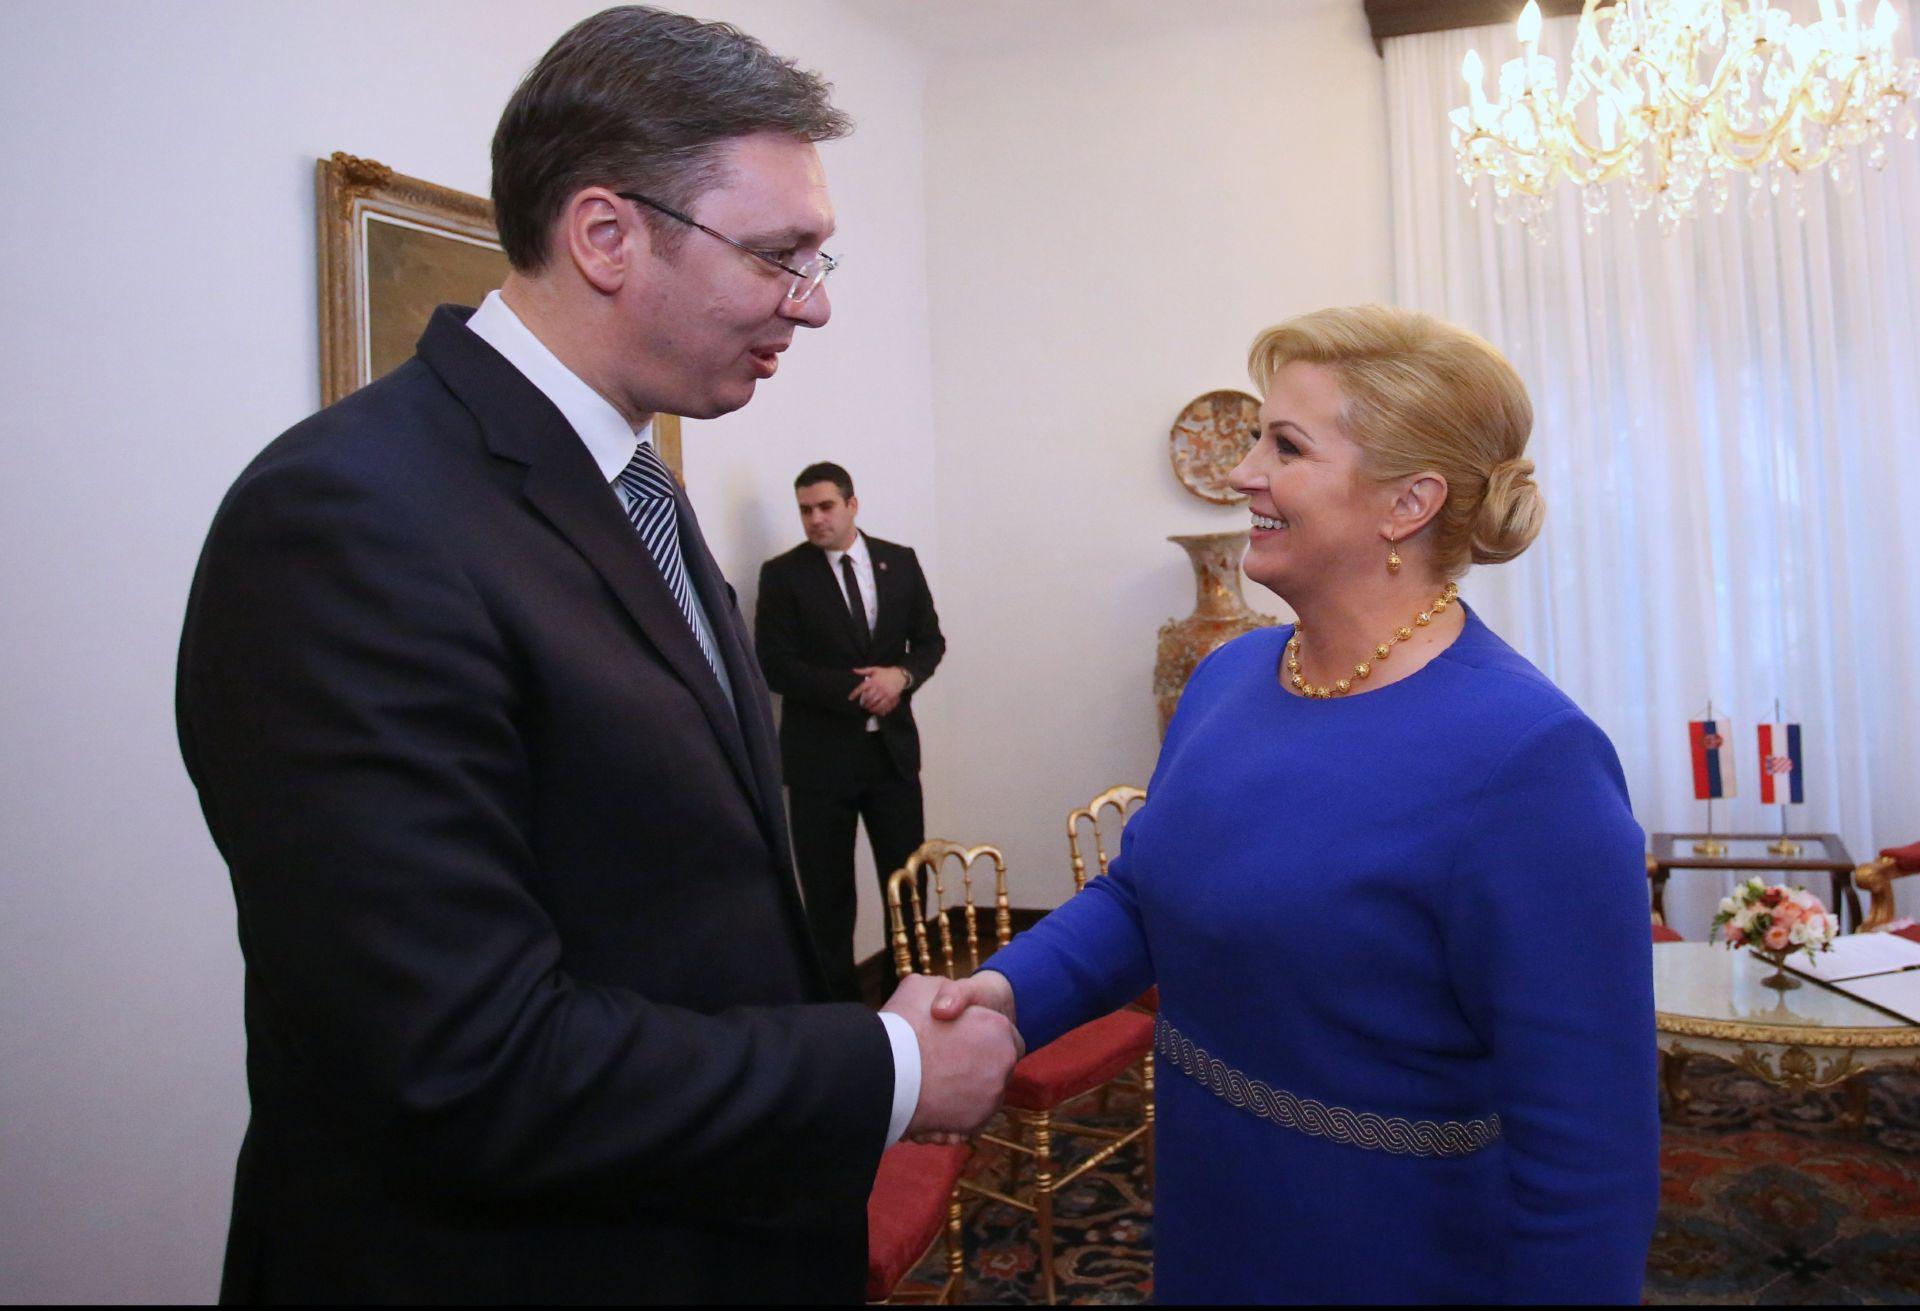 Hoće li Vučić prihvatiti poziv za posjet Hrvatskoj?